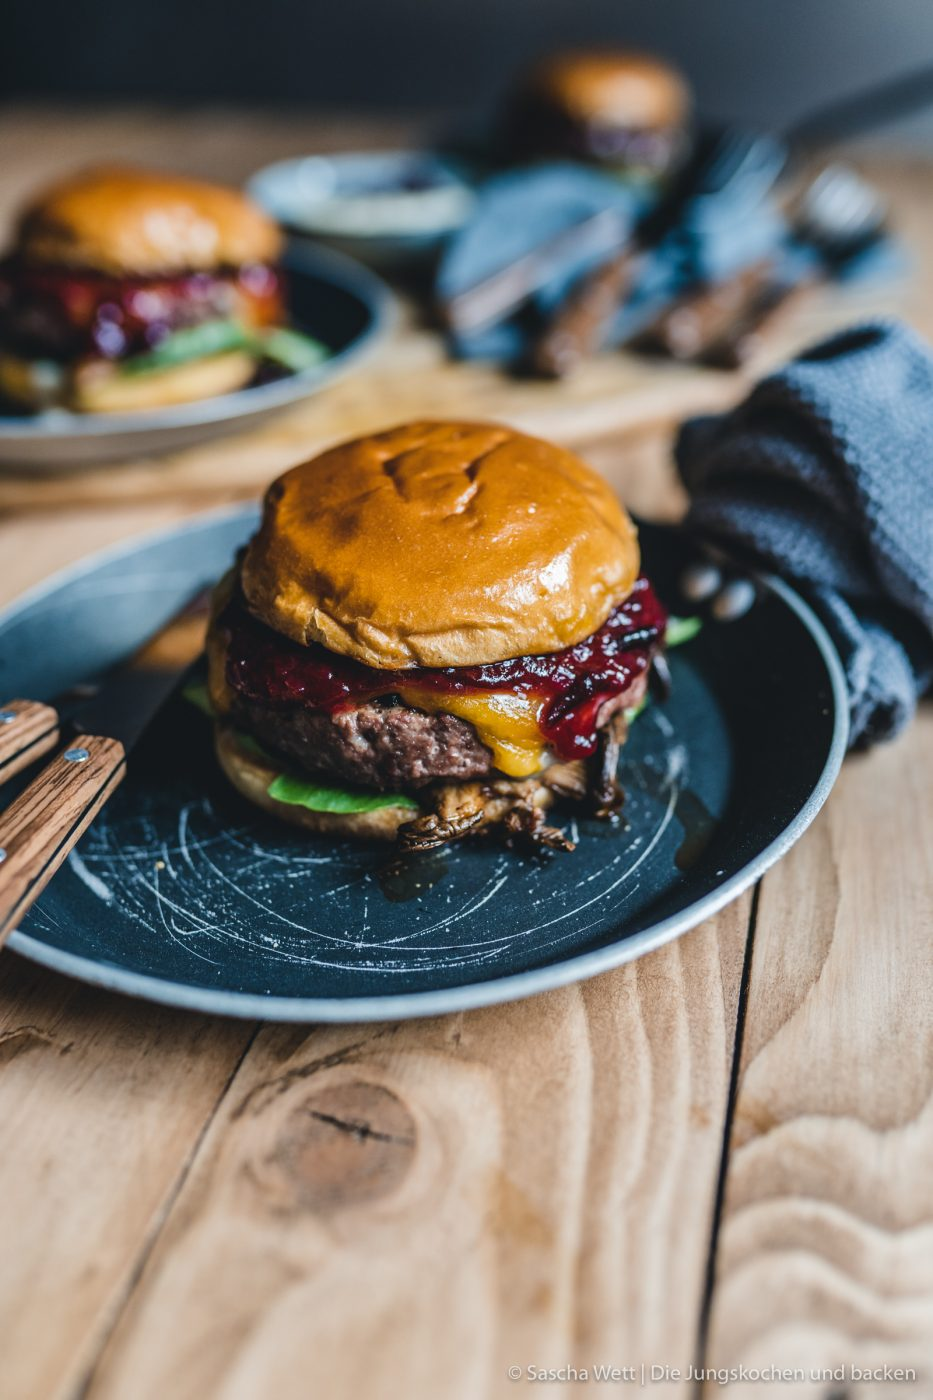 Wildschwein Burger Kerrygold 45 | Heute haben wir eine super leckere Burgerkreation von Torsten mit im Gepäck. Der eine oder andere von euch hat den Burger auch schon vor ein paar Wochen bei Instagram erspäht! Wir waren nämlich mit unserem Partner Kerrygold im schönen München. Dort haben wir aber nicht nur geschlemmt, sondern waren auch fleißig. Wir durften dort mit 50€ bewaffnet über den Viktualienmarkt flitzen und haben unseren ganz persönlichen Burger kreiiert. Torsten hat mit seinem Wildschwein-Chesseburger den zweiten Platz gemacht und daher wollen wir ihn euch nicht vorenthalten.